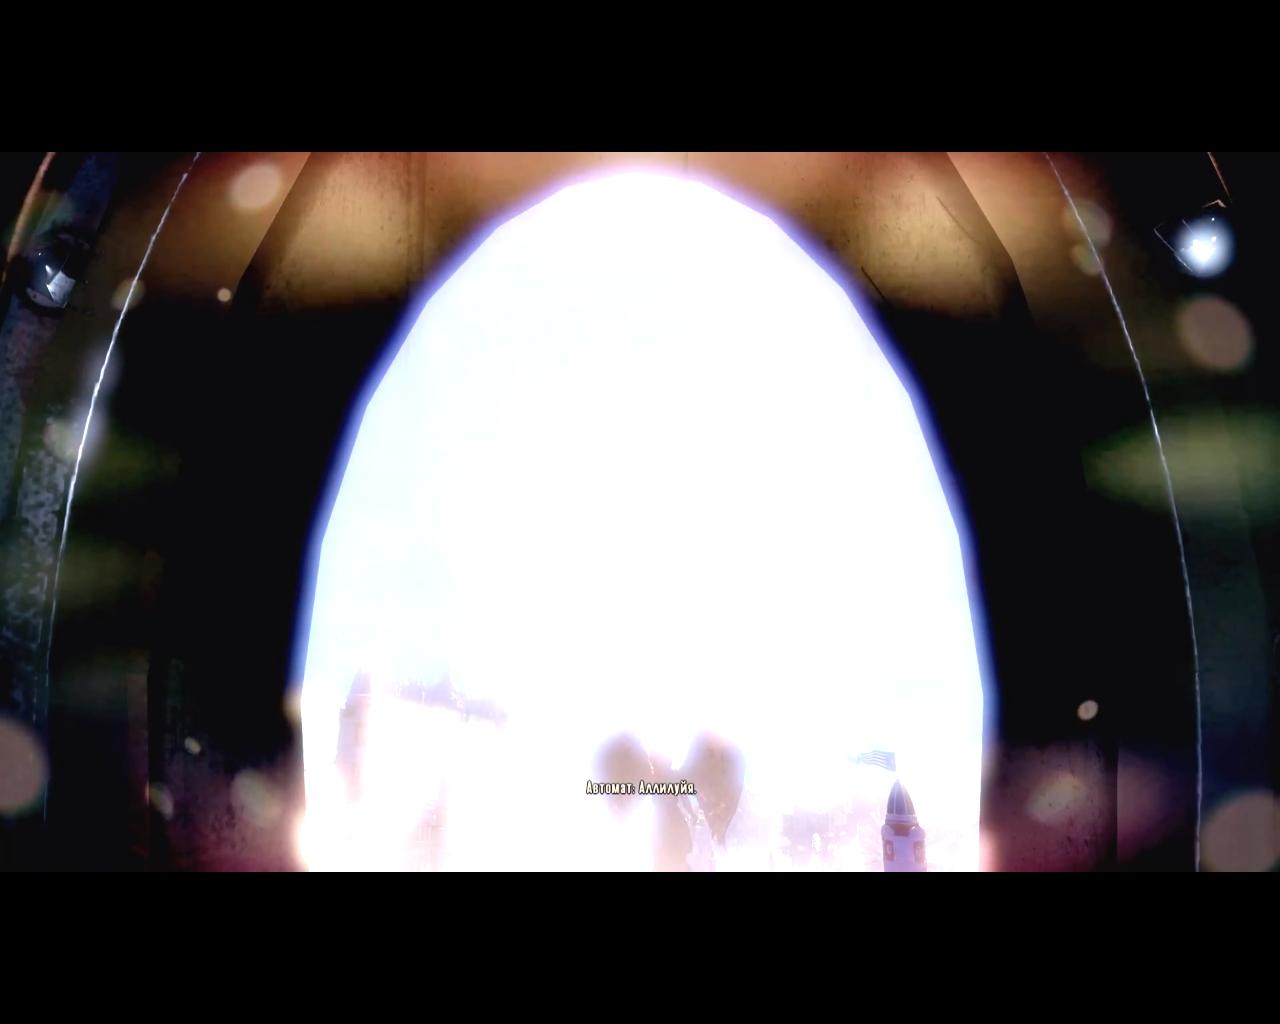 Bioshock Infinite - синоним слова эпичность. - Изображение 1